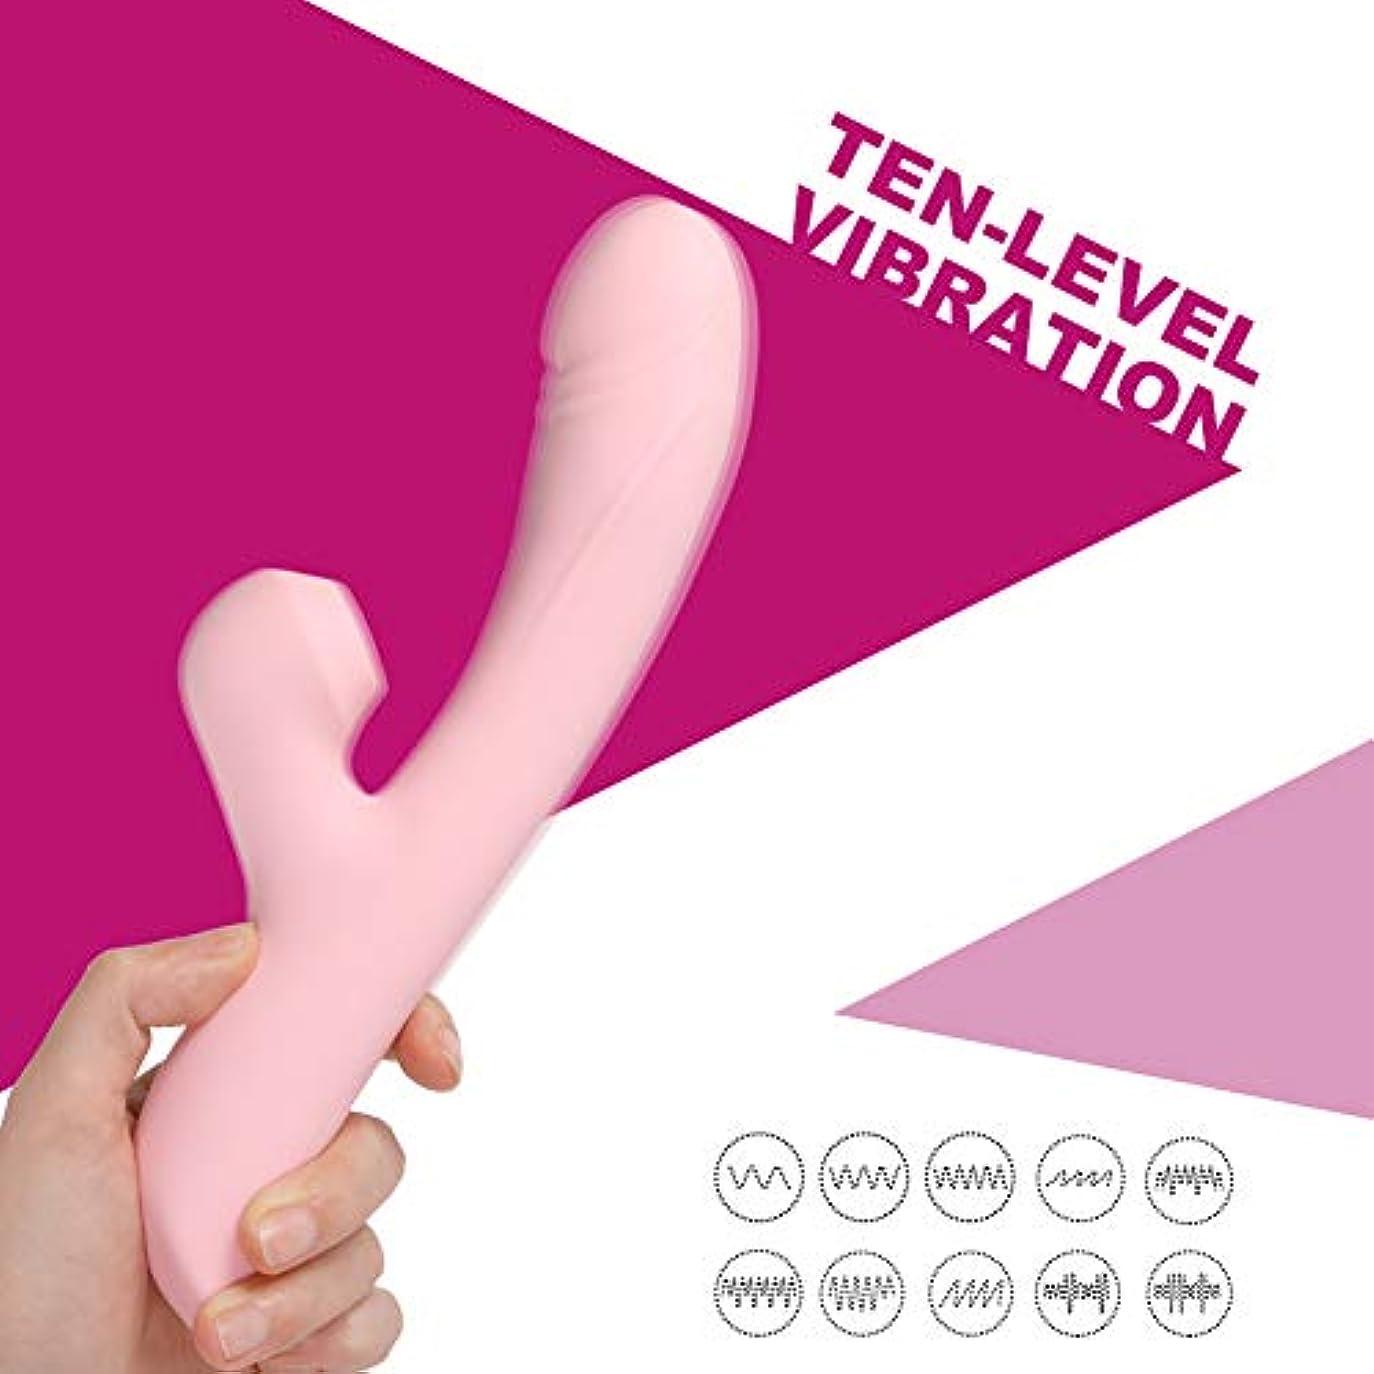 トリムバイパス安全オイル セルライト バイブレーターUSB充電式 AVマジック ワンドバイブレーター マッサージャー 大人のおもちゃ女性用 10スピード電動マッサージ器 42度加熱 自由に曲げられる (ピンク色)